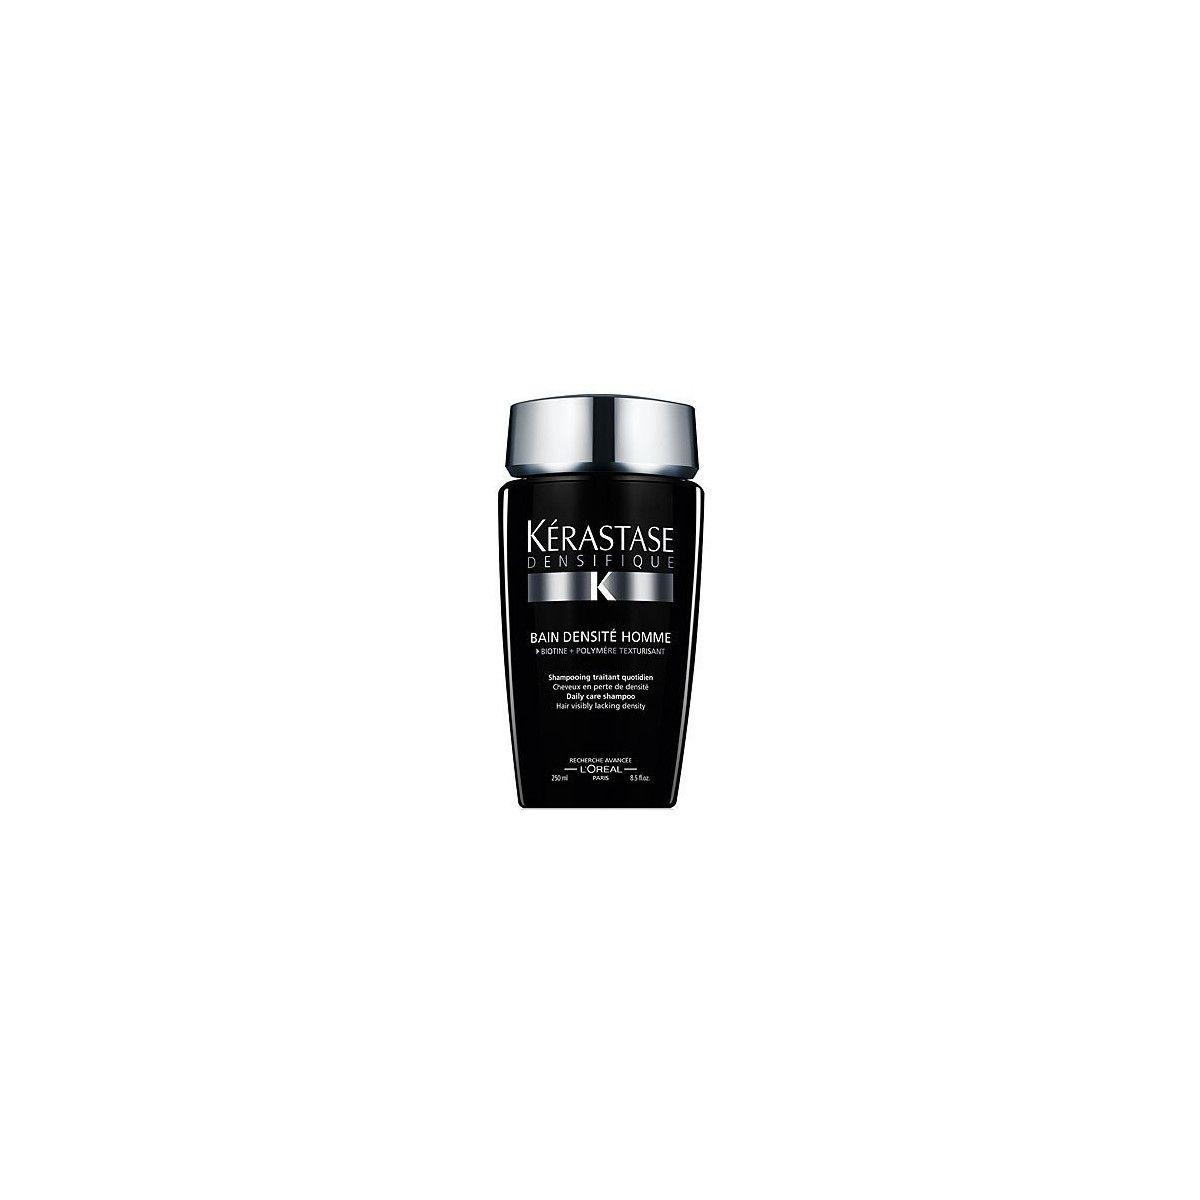 Kerastase Densite Homme szampon poprawiający gęstość włosów 250ml